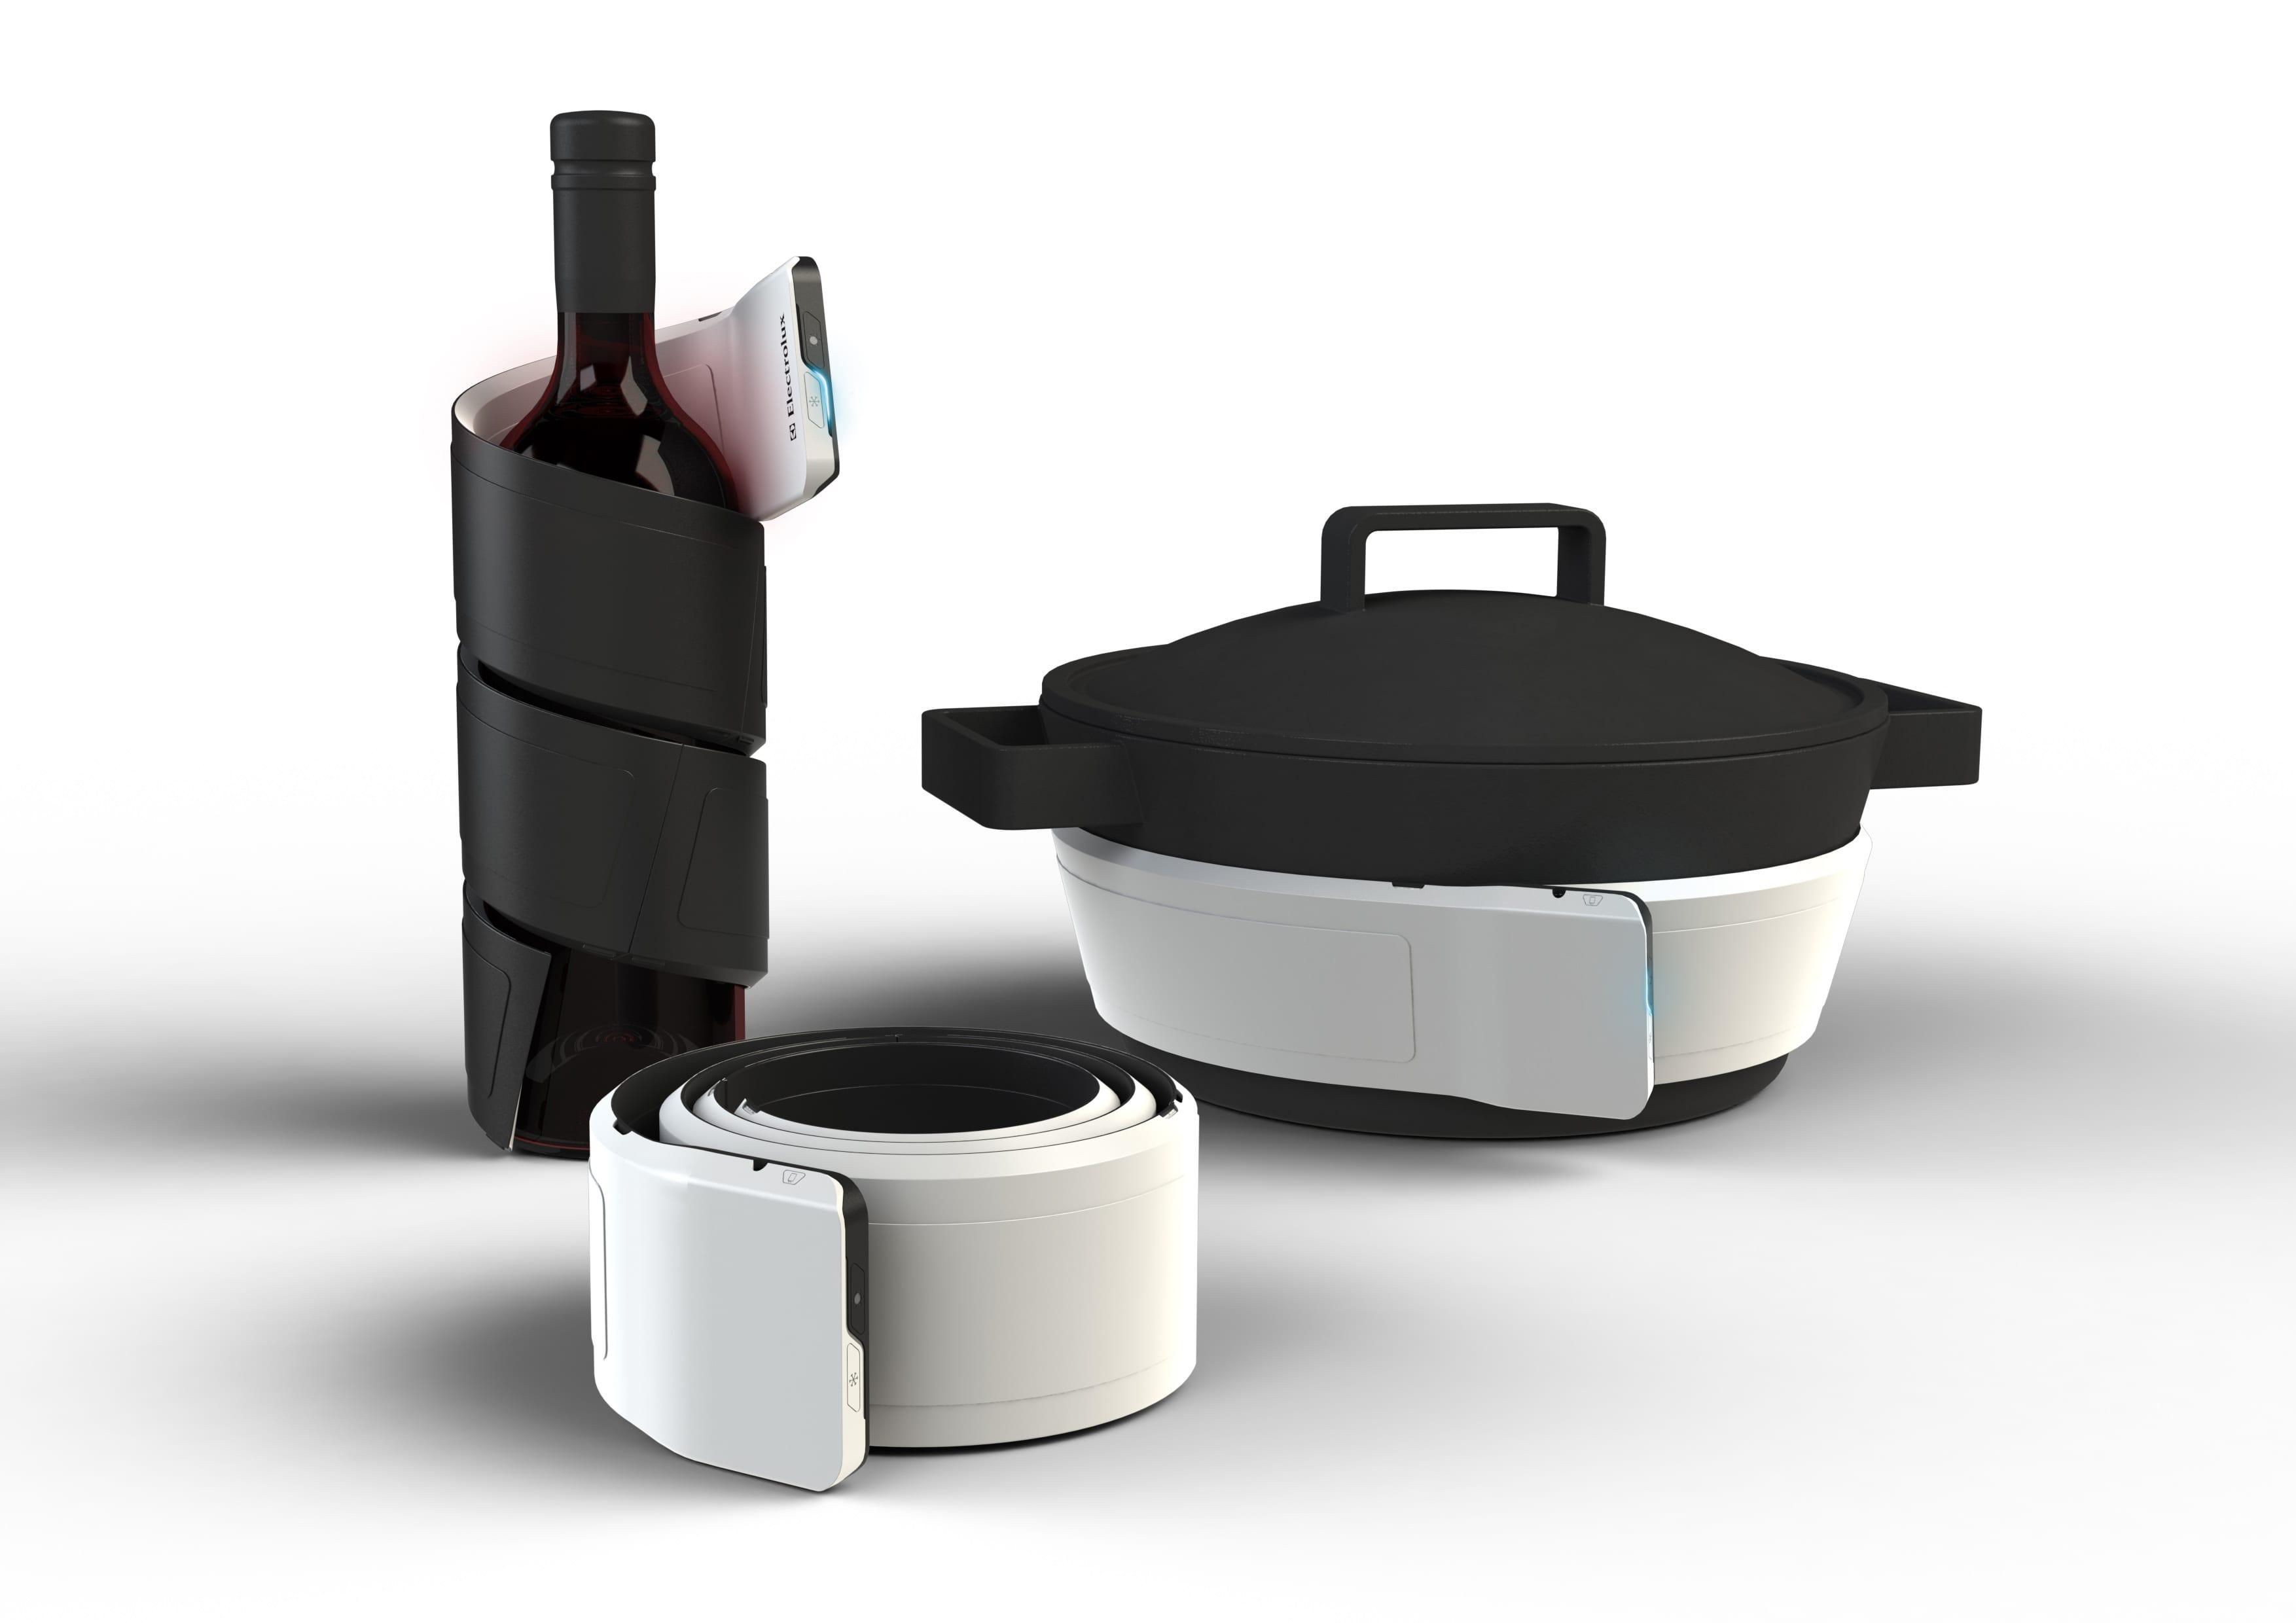 küche aktuell - innovation in der küche- Kühler in weiß und schwarz